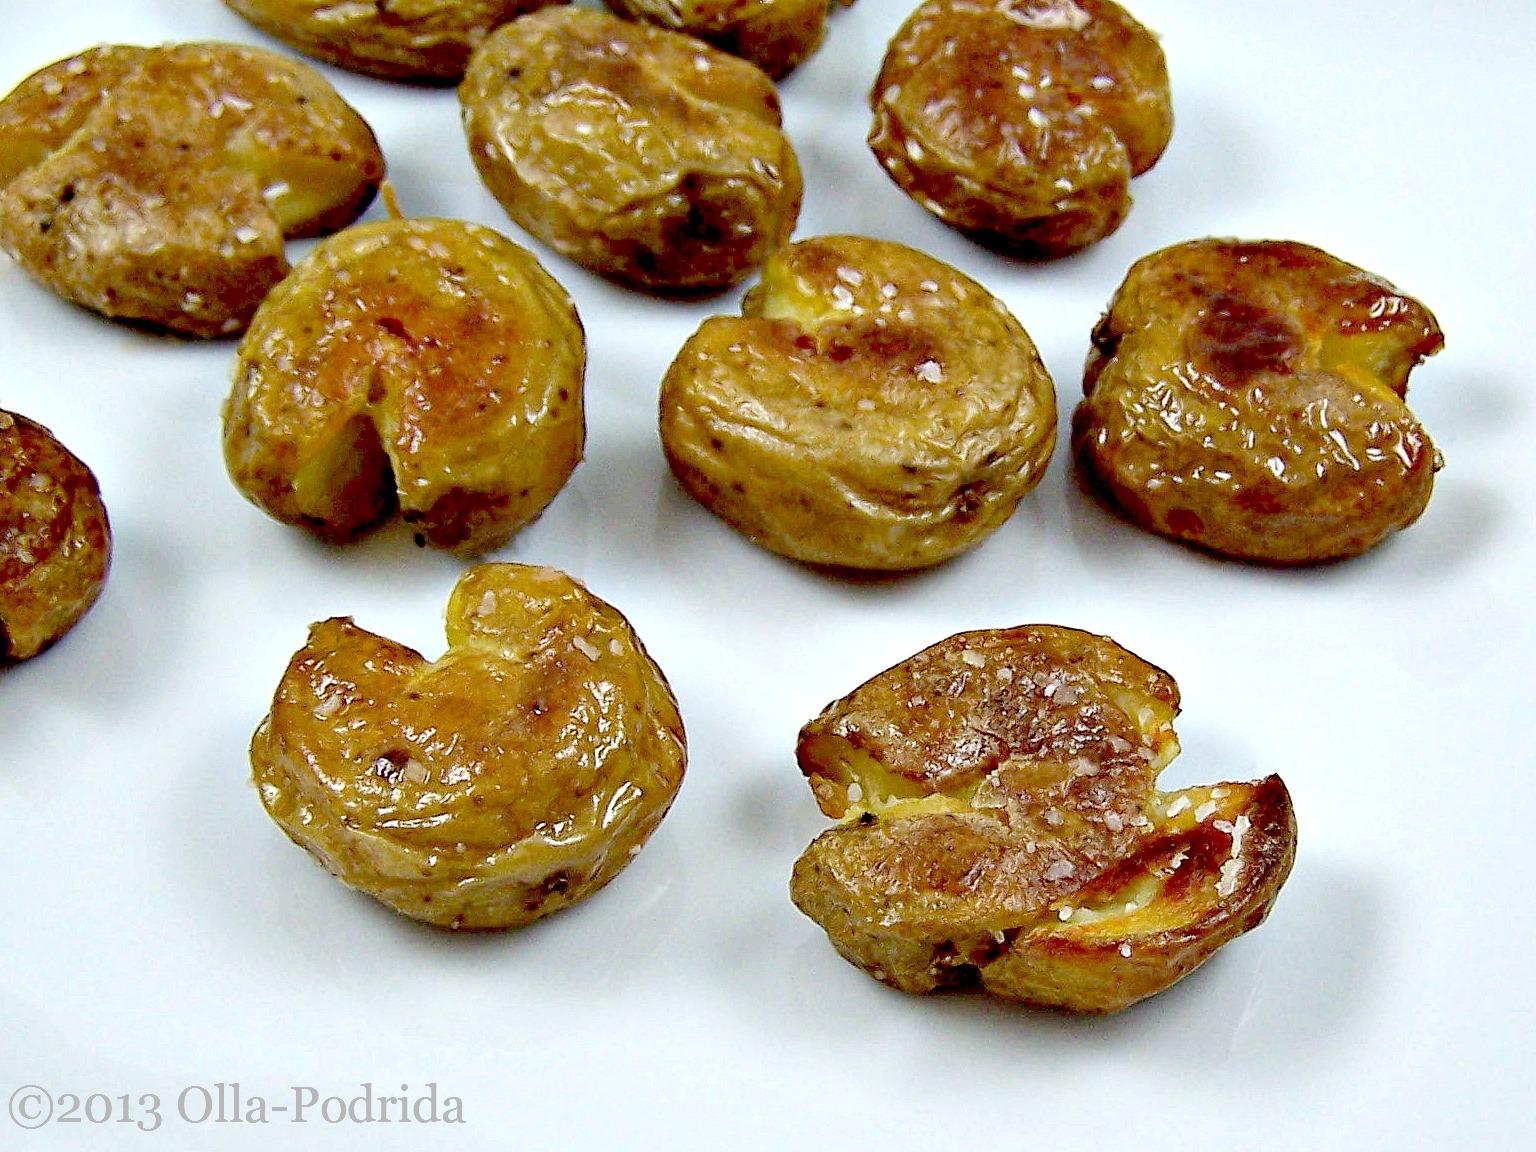 Olla-Podrida: Salt and Vinegar Roasted Potatoes